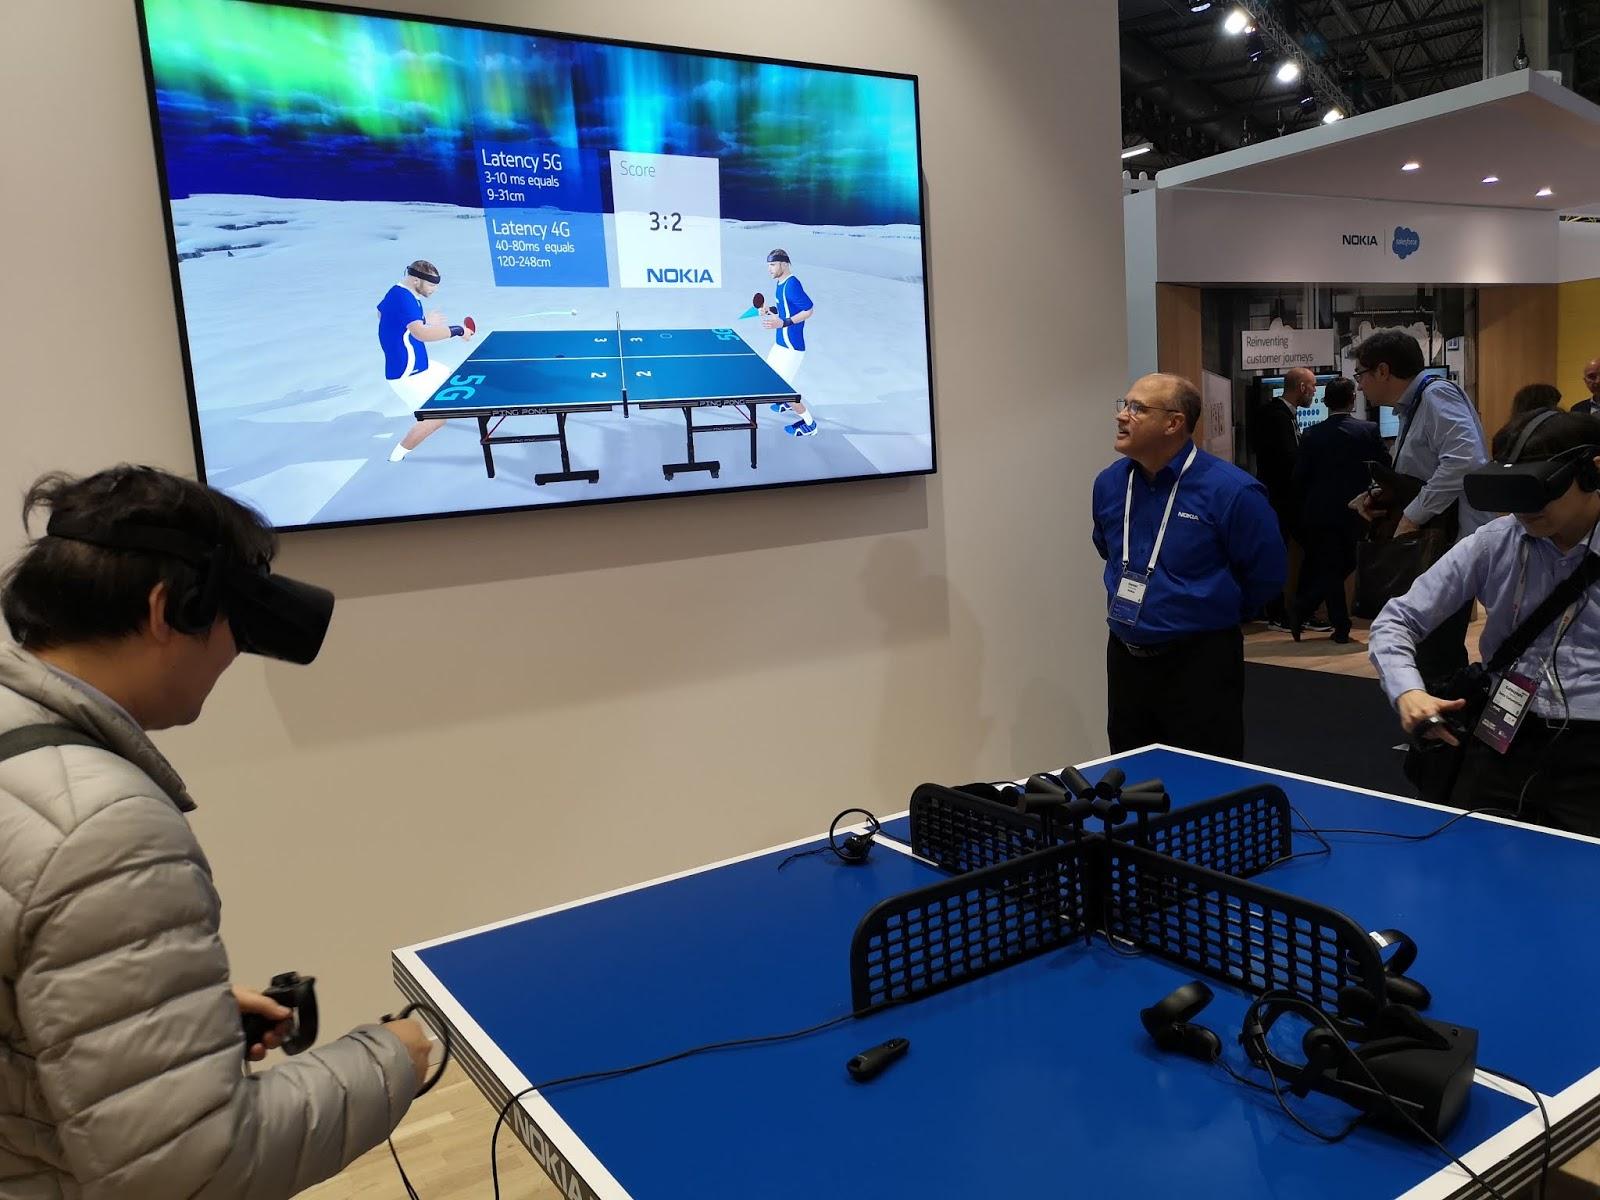 2f6b51e5c في العام الماضي ، اختبرت Verizon و Nokia نقل الواقع الافتراضي التفاعلي  المباشر وتدفق الفيديو بدقة 4K عبر اتصال 5G في الهواء الطلق باستخدام طيف  الموجات ...